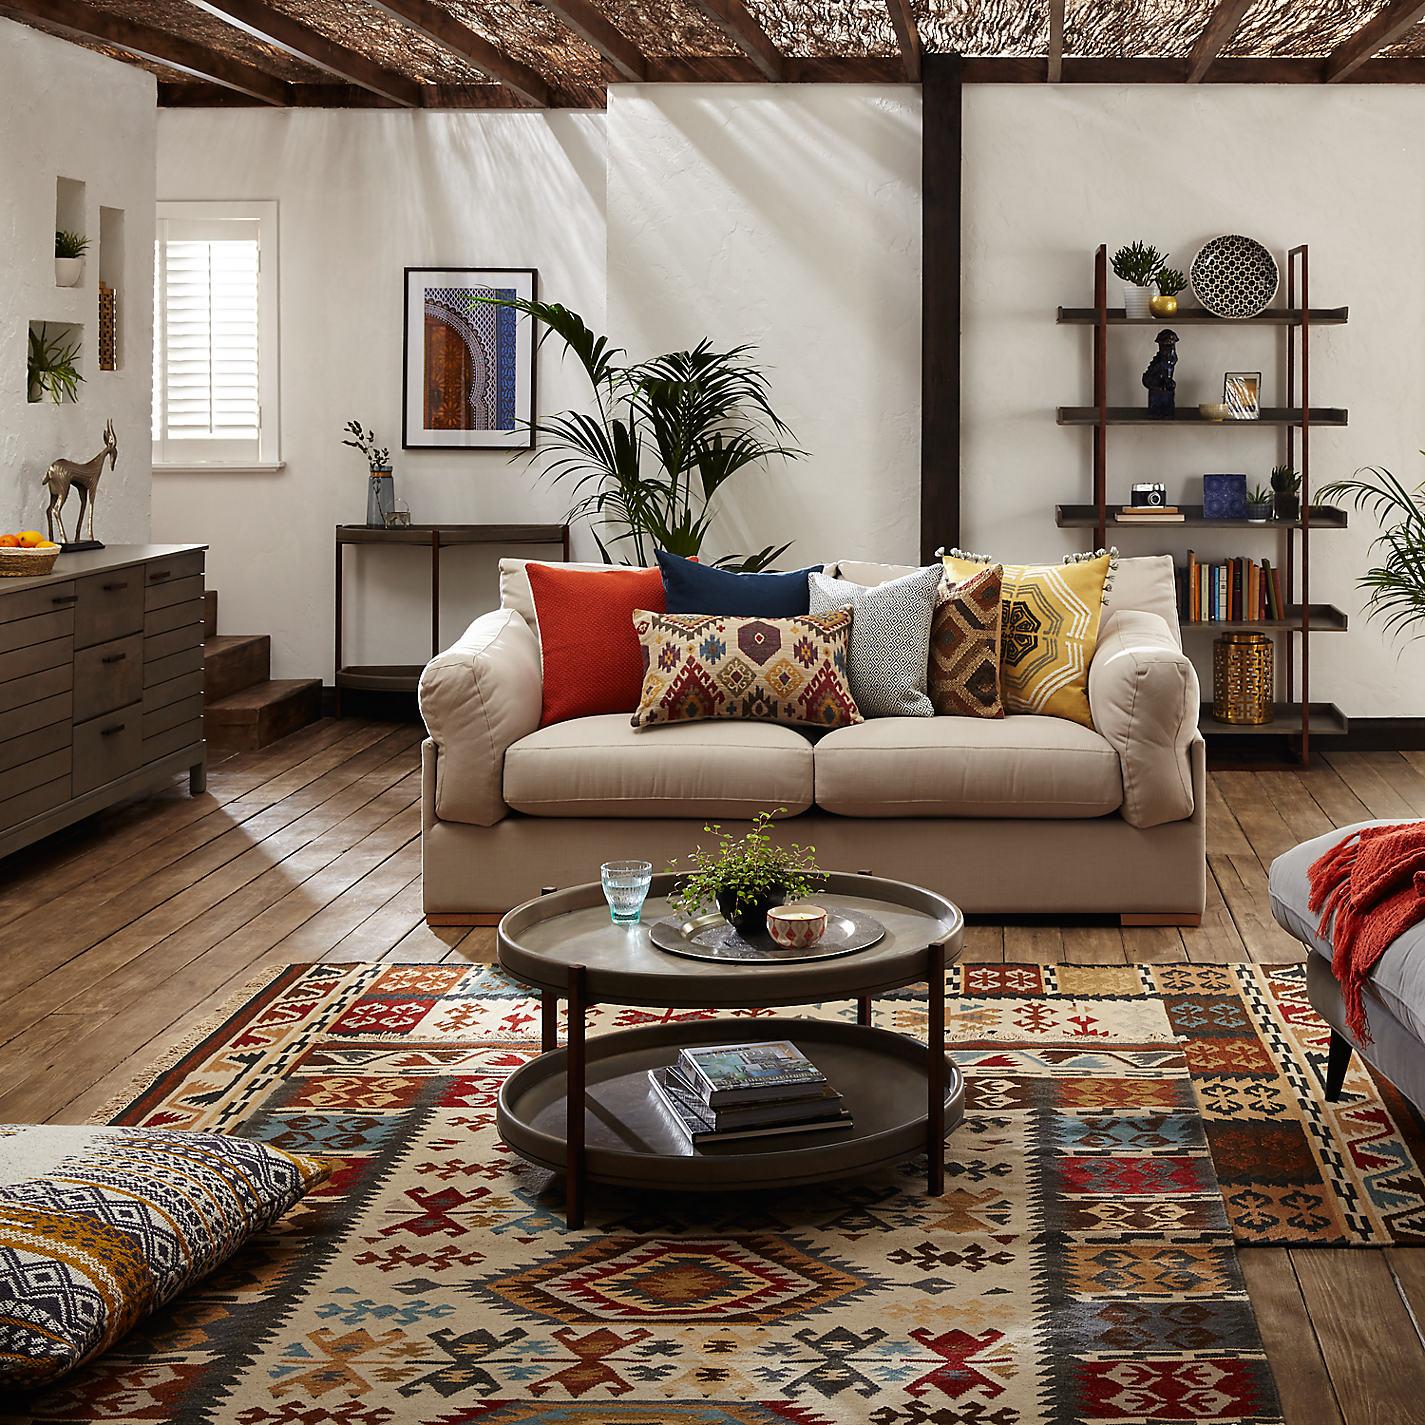 The Range Dining Room Furniture Buy John Lewis Asha Living And Dining Room Furniture Range John